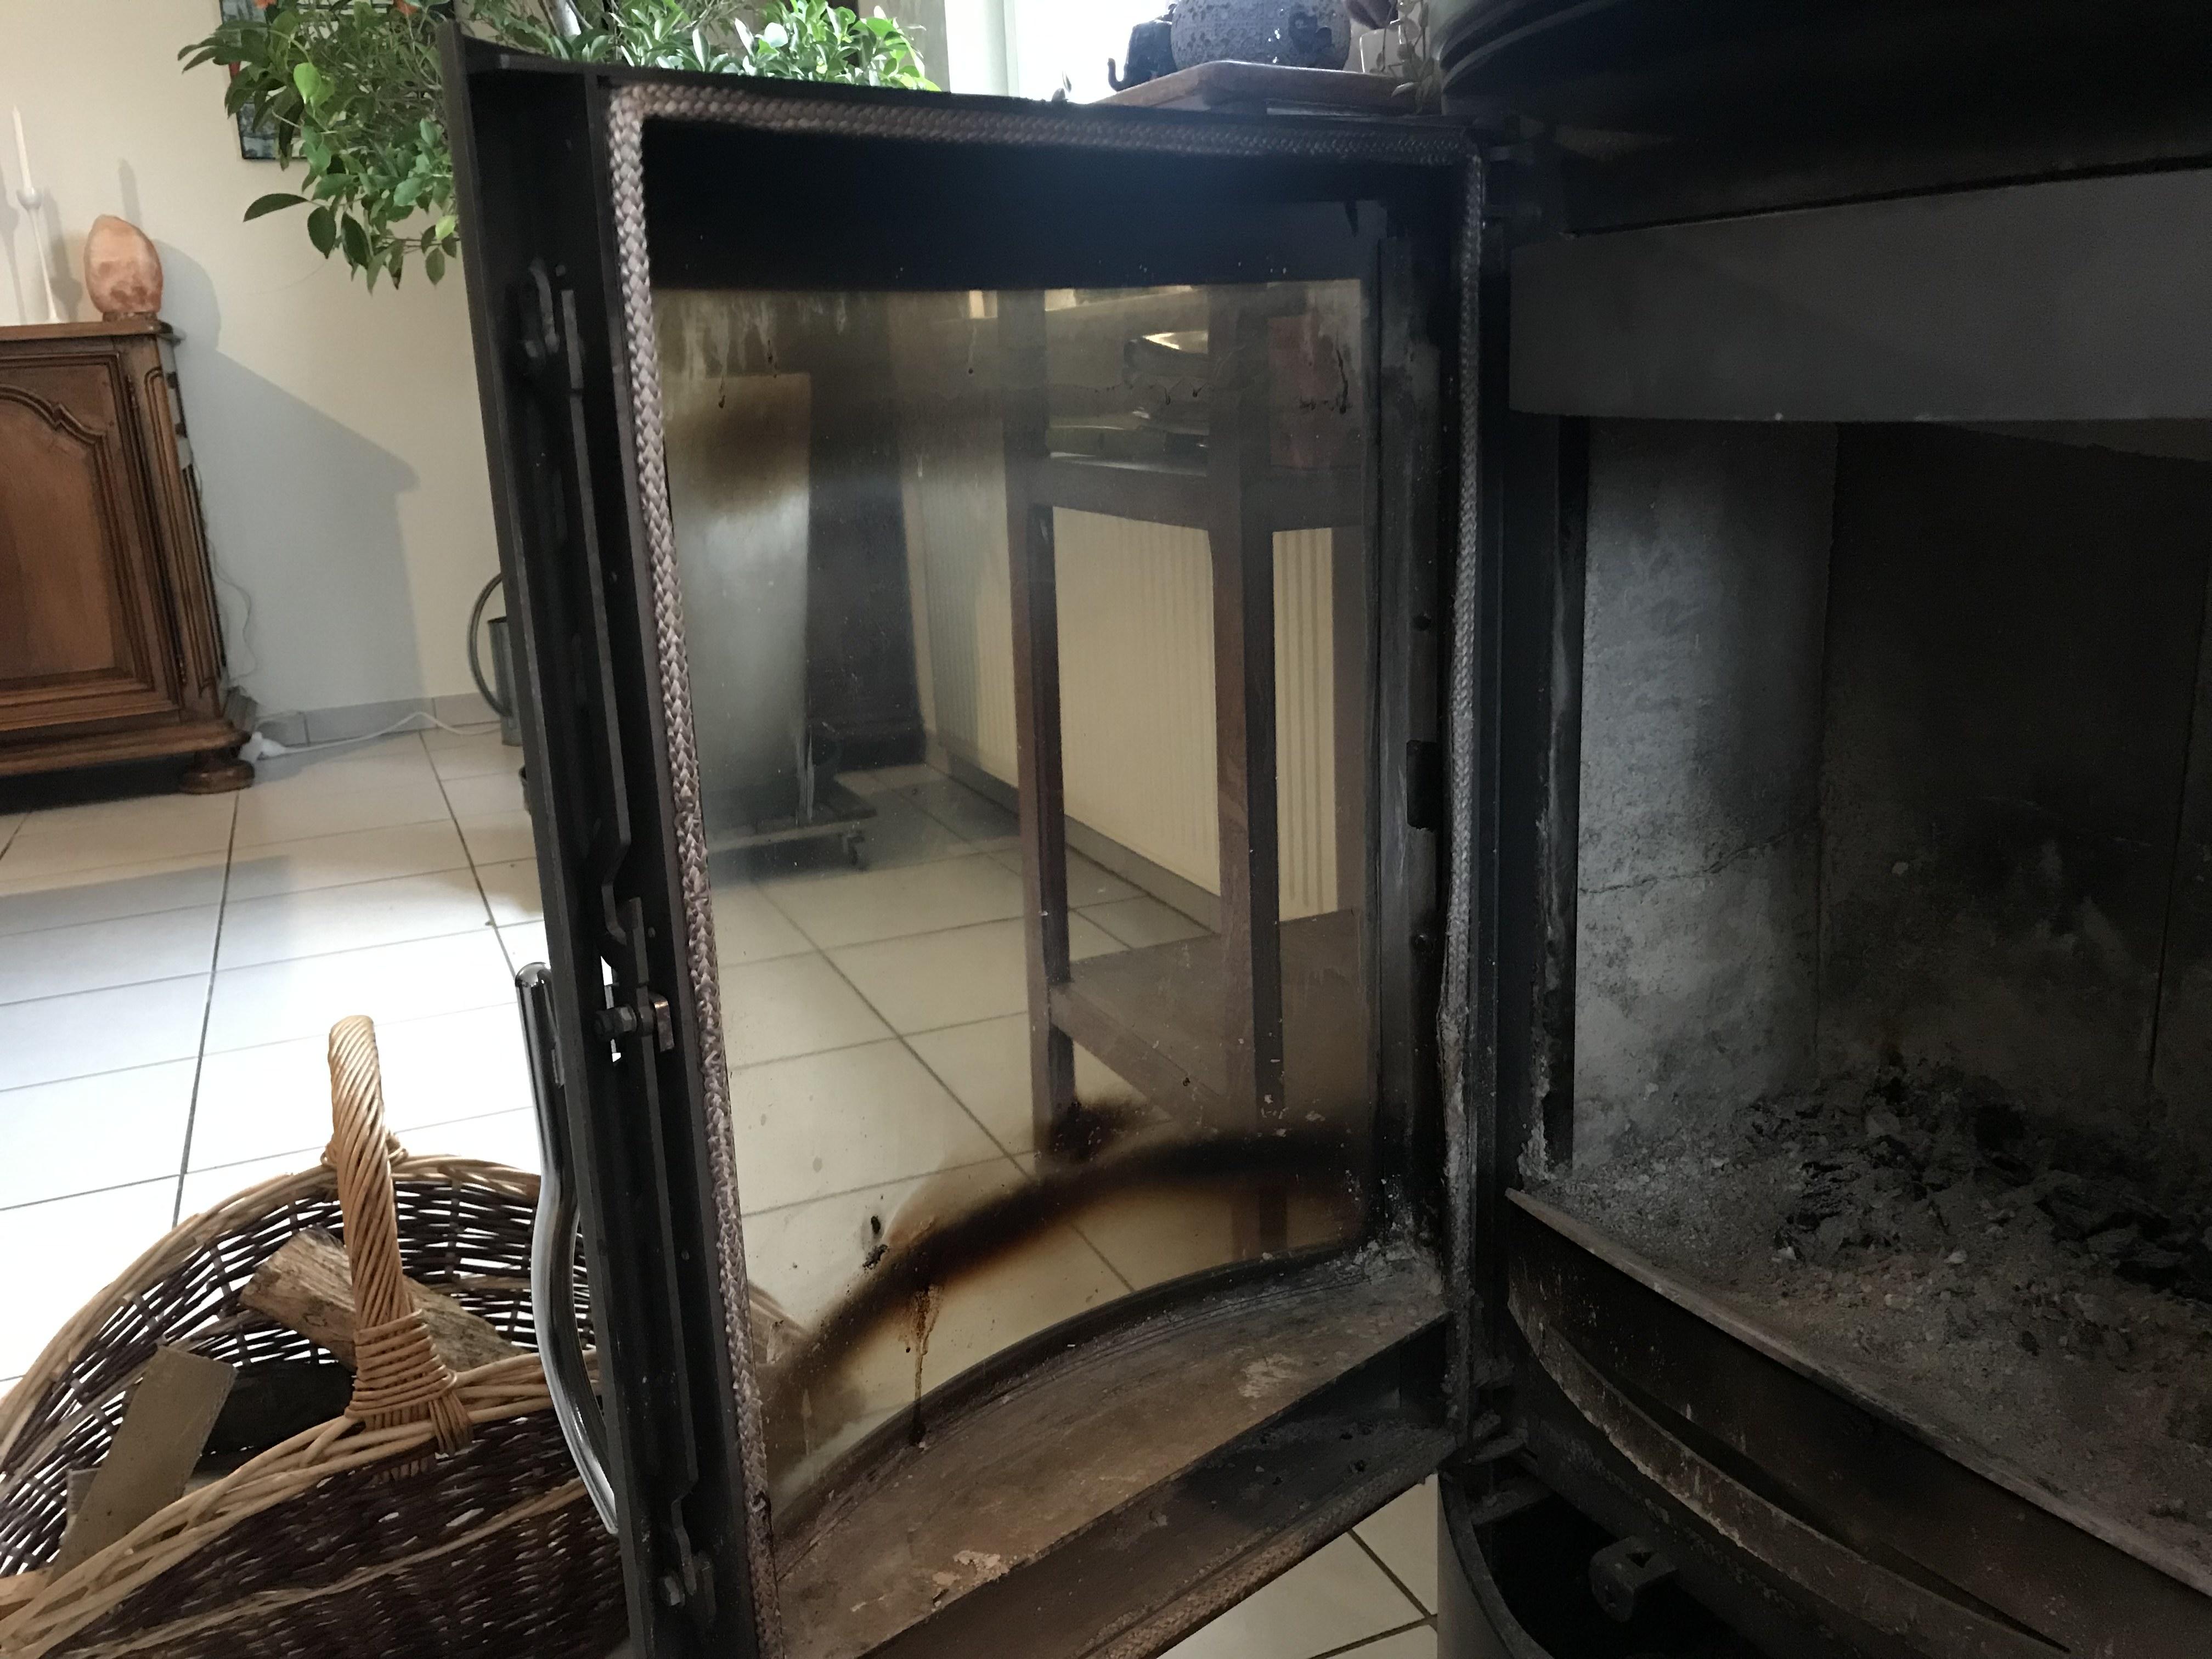 3 astuces pour nettoyer votre vitre d'insert de cheminée